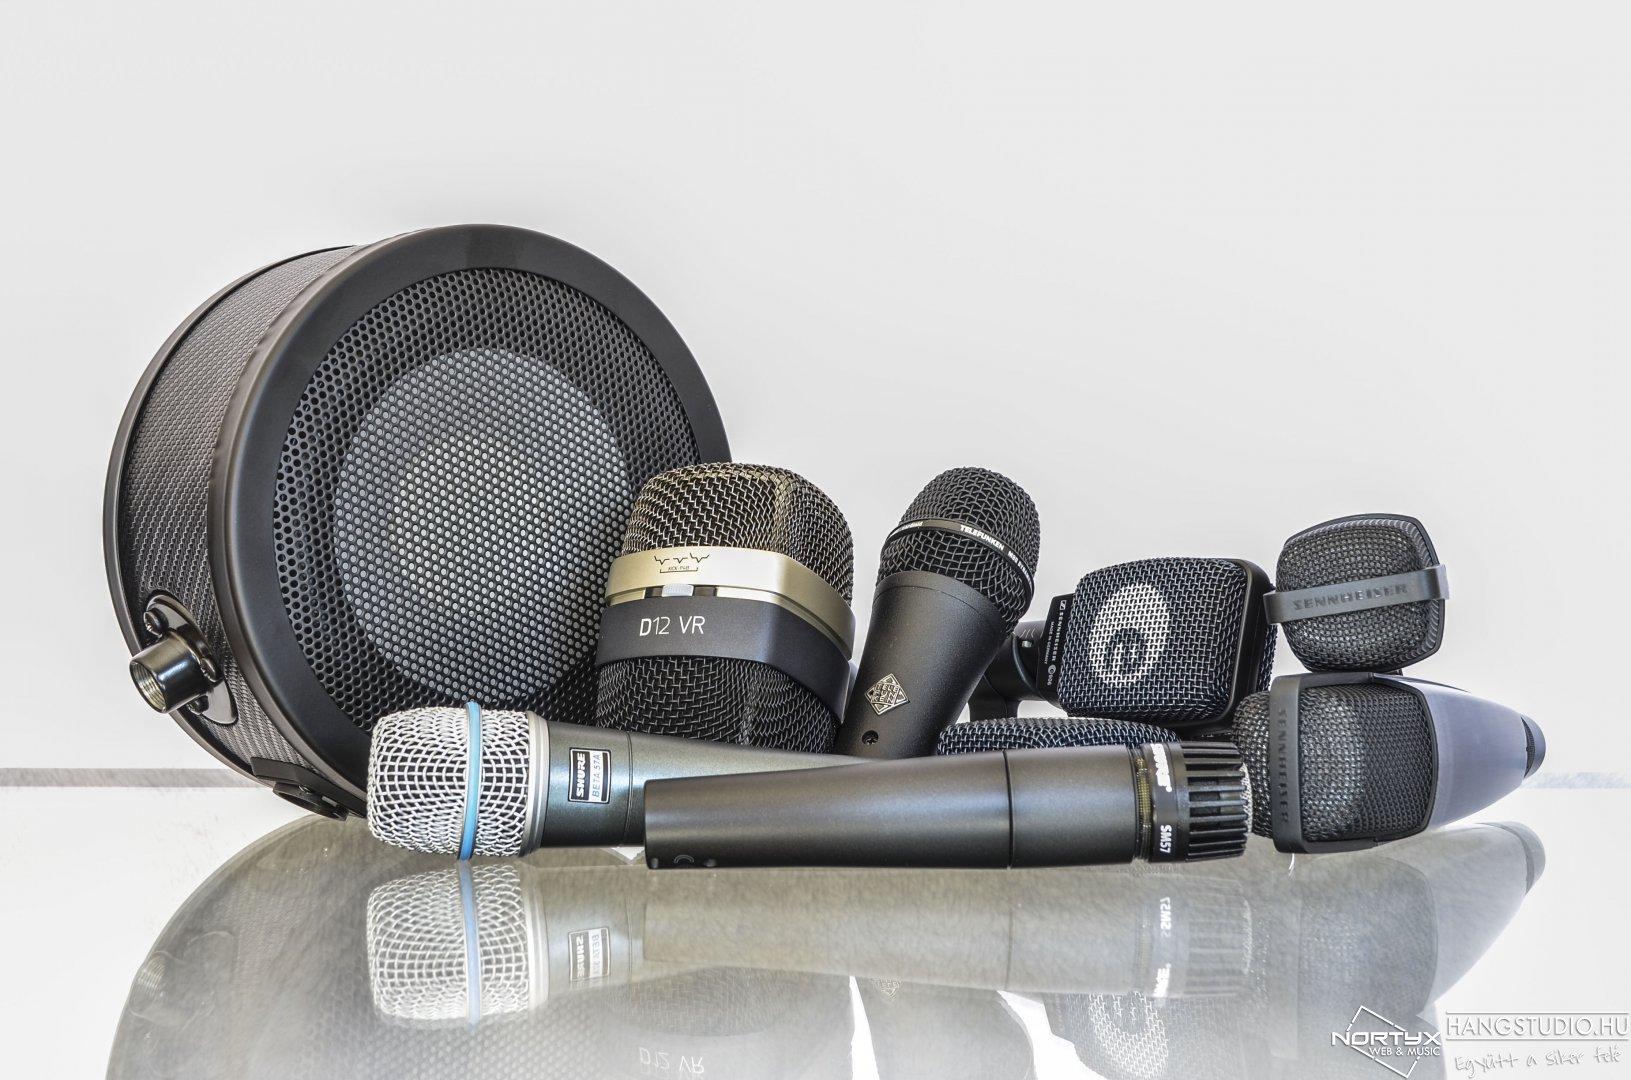 Legendás mikrofonok a Nortyx hangstúdióban!